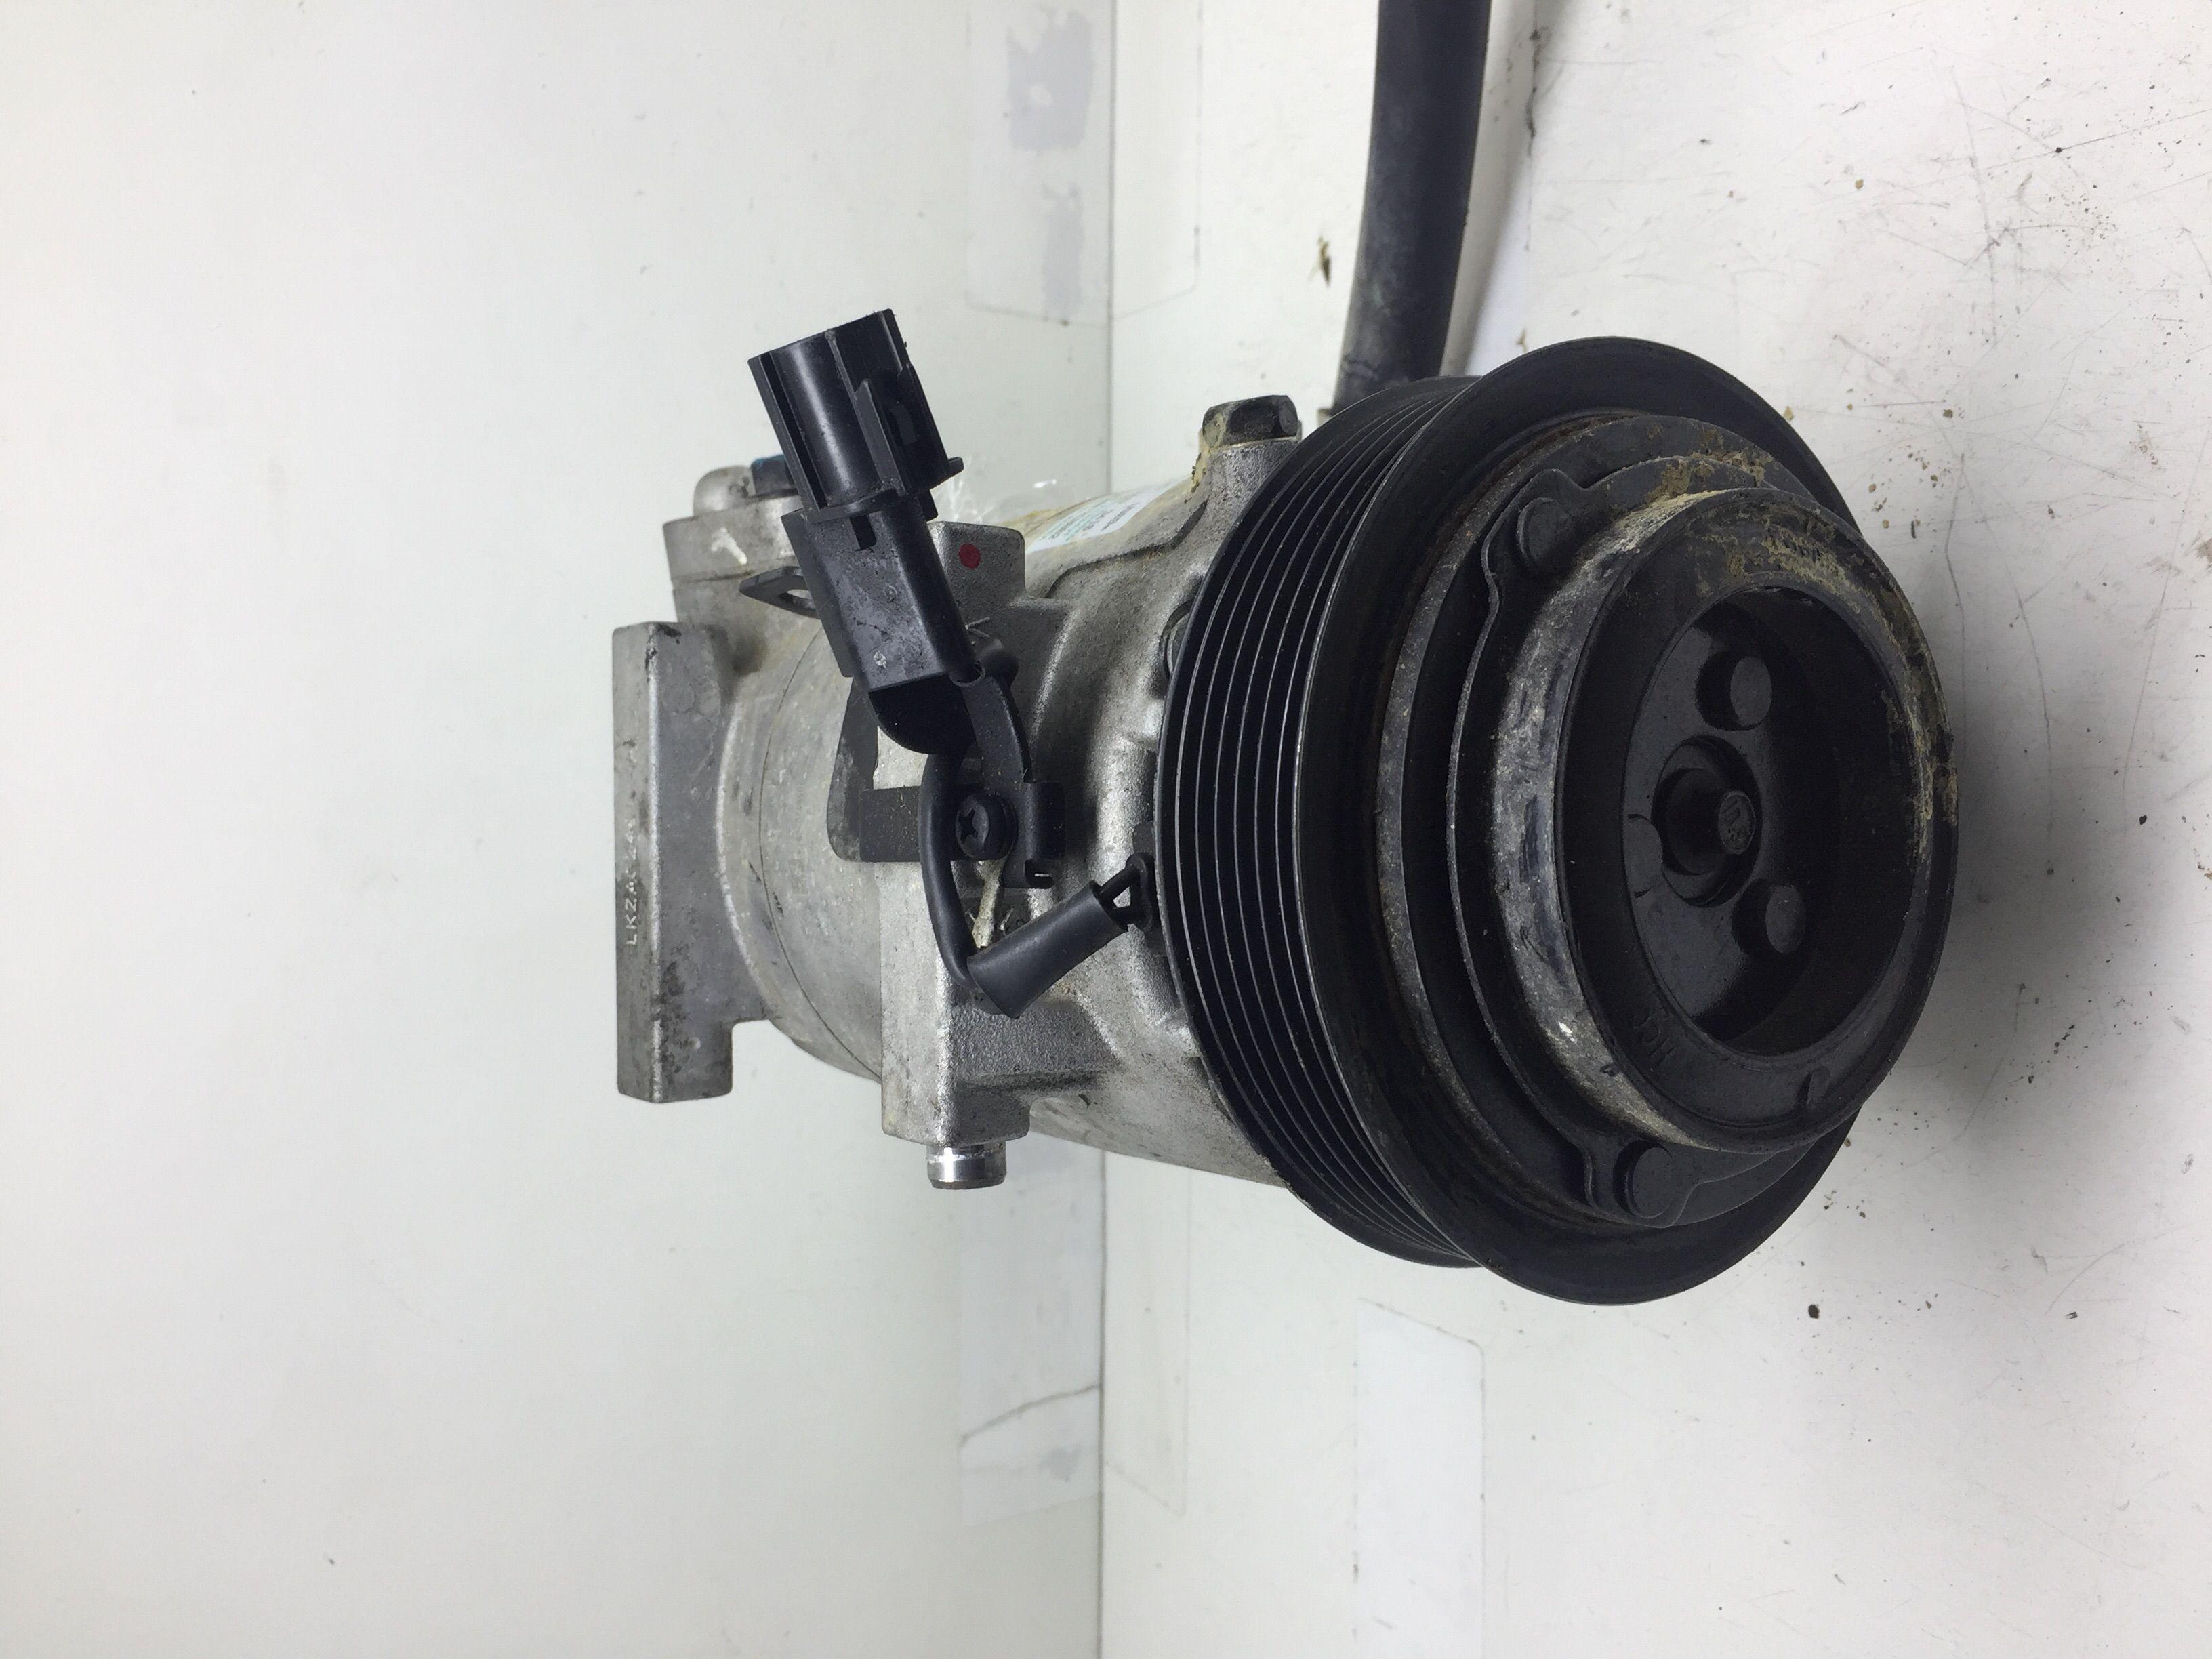 fd46xg COMPRESSORE A/C HYUNDAI i10 2° Serie 1200 Benzina  (2013) RICAMBI USATI